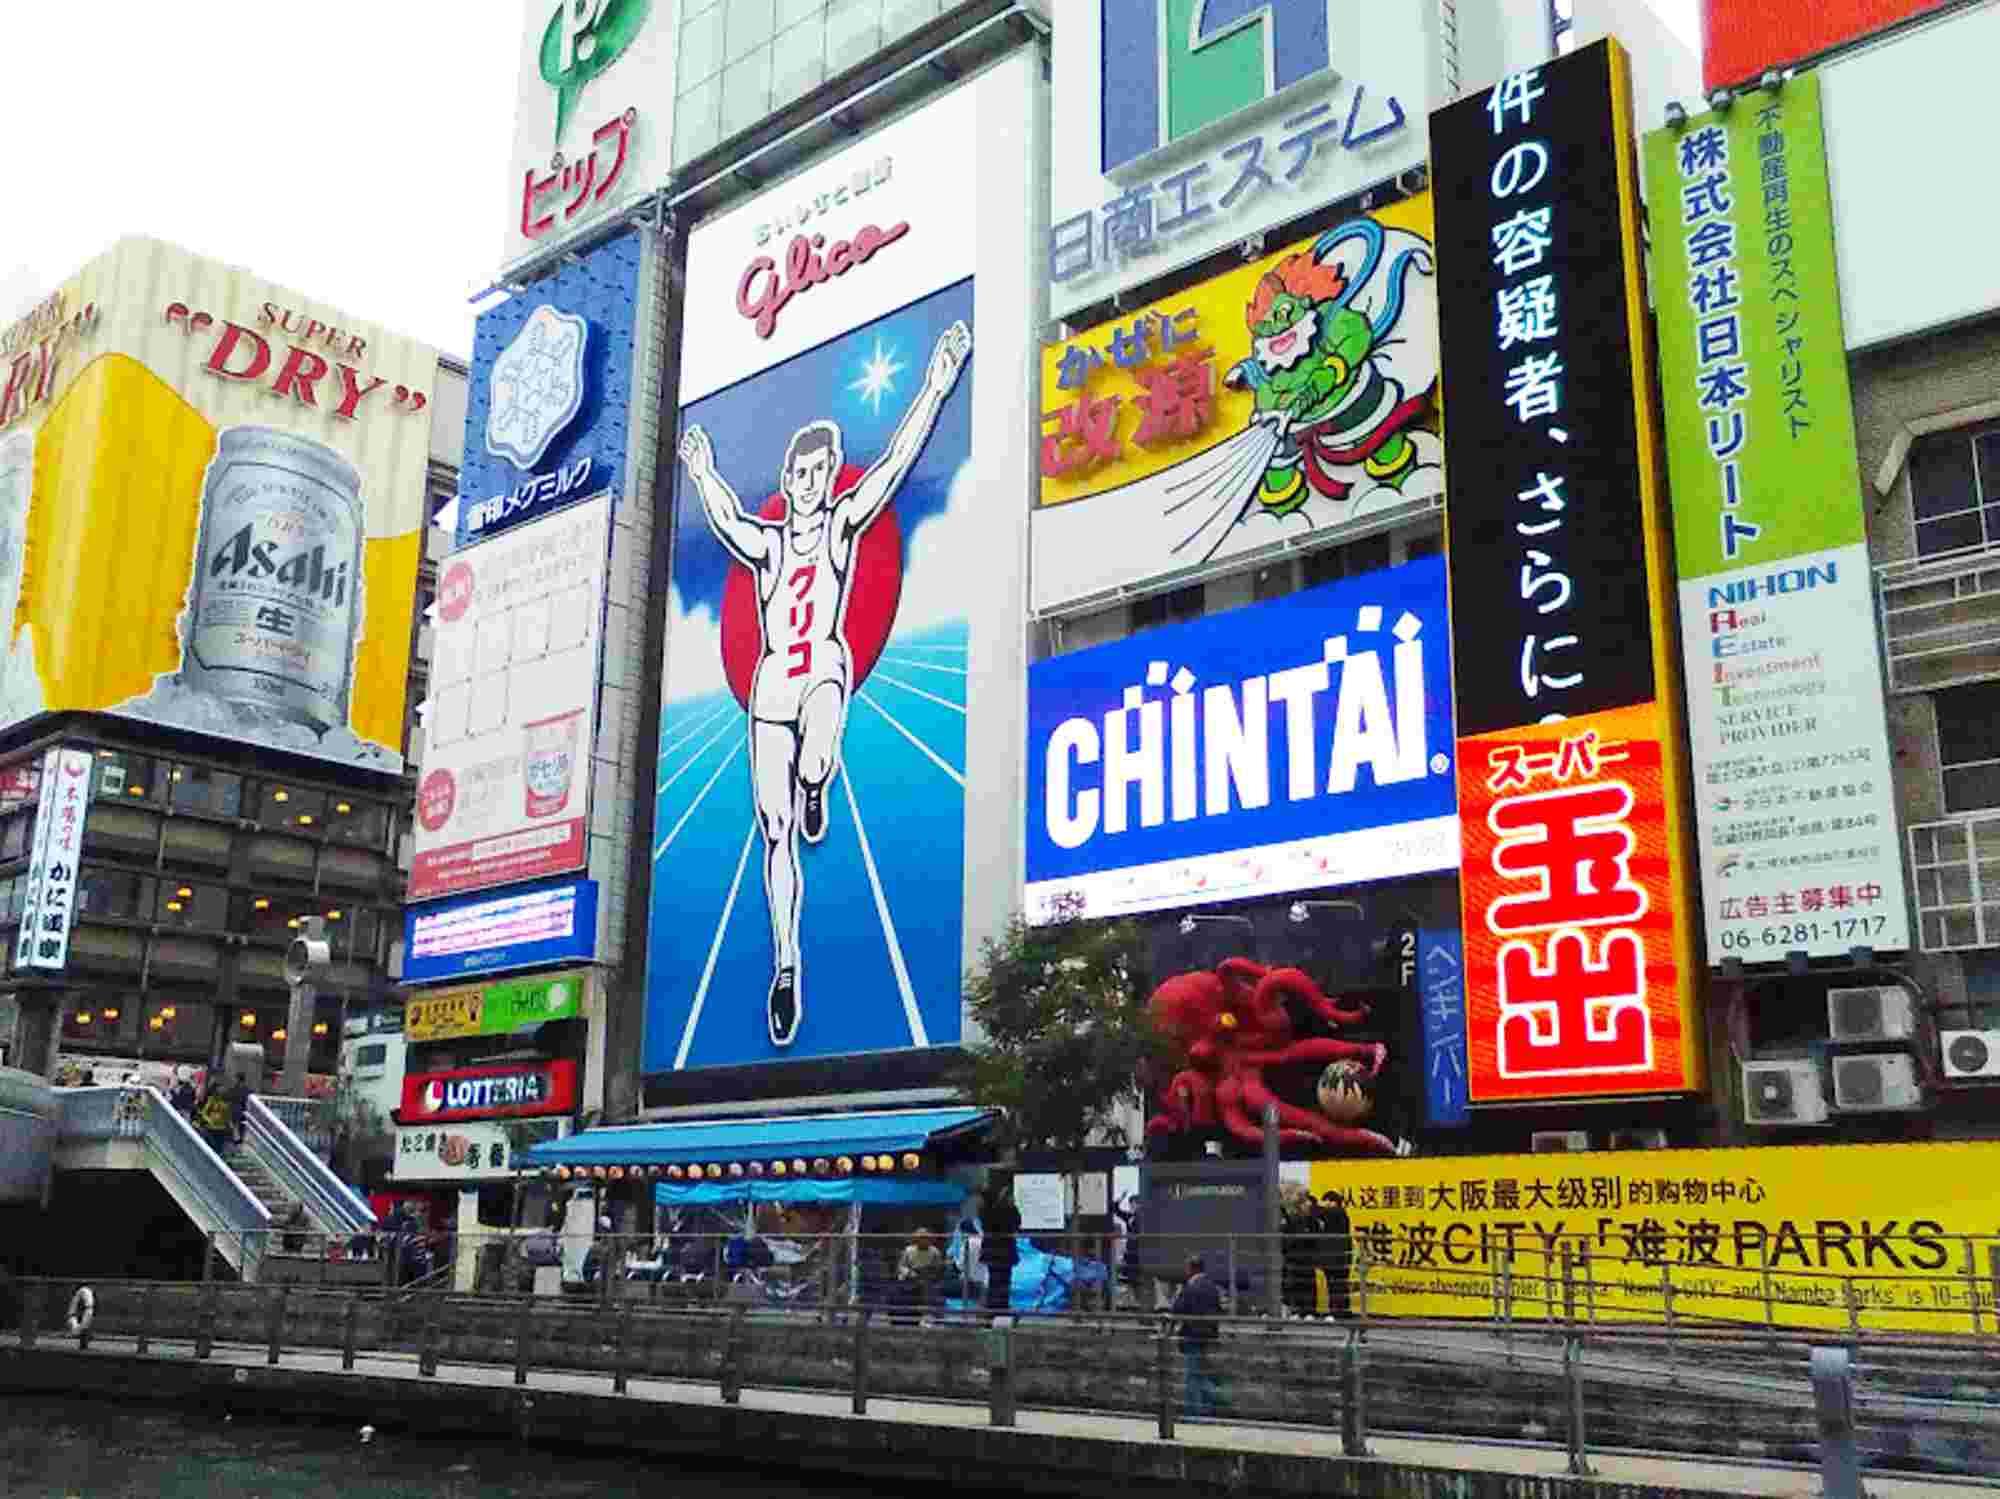 今日はセンパト大阪を観に少し心斎橋界隈を探索したのですがぁ・・・・